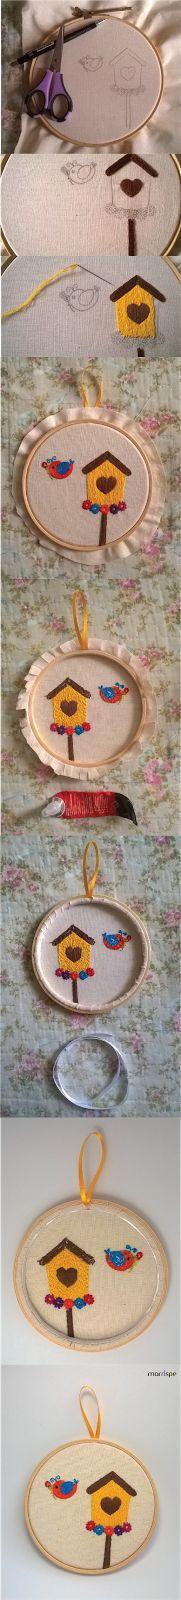 Passo a passo de bordado em quadro de bastidor #artesanato #bastidor #bordado…